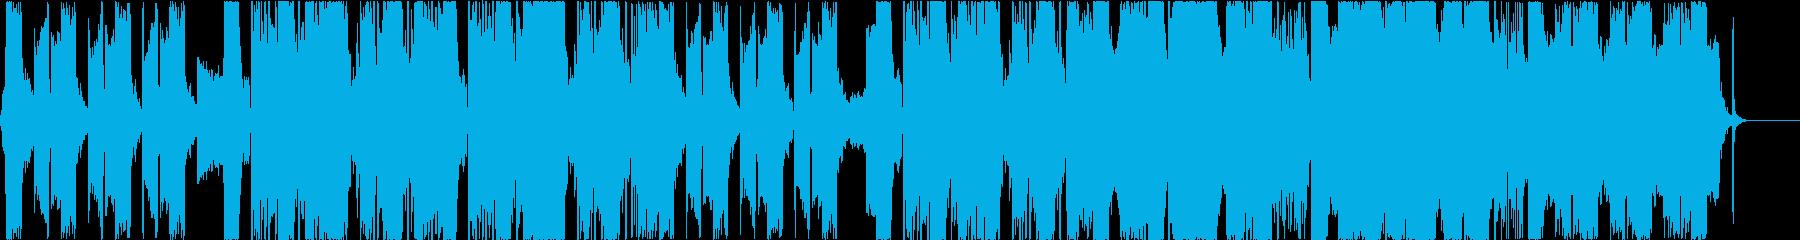 スタイリッシュで情緒的なヒップホップの再生済みの波形